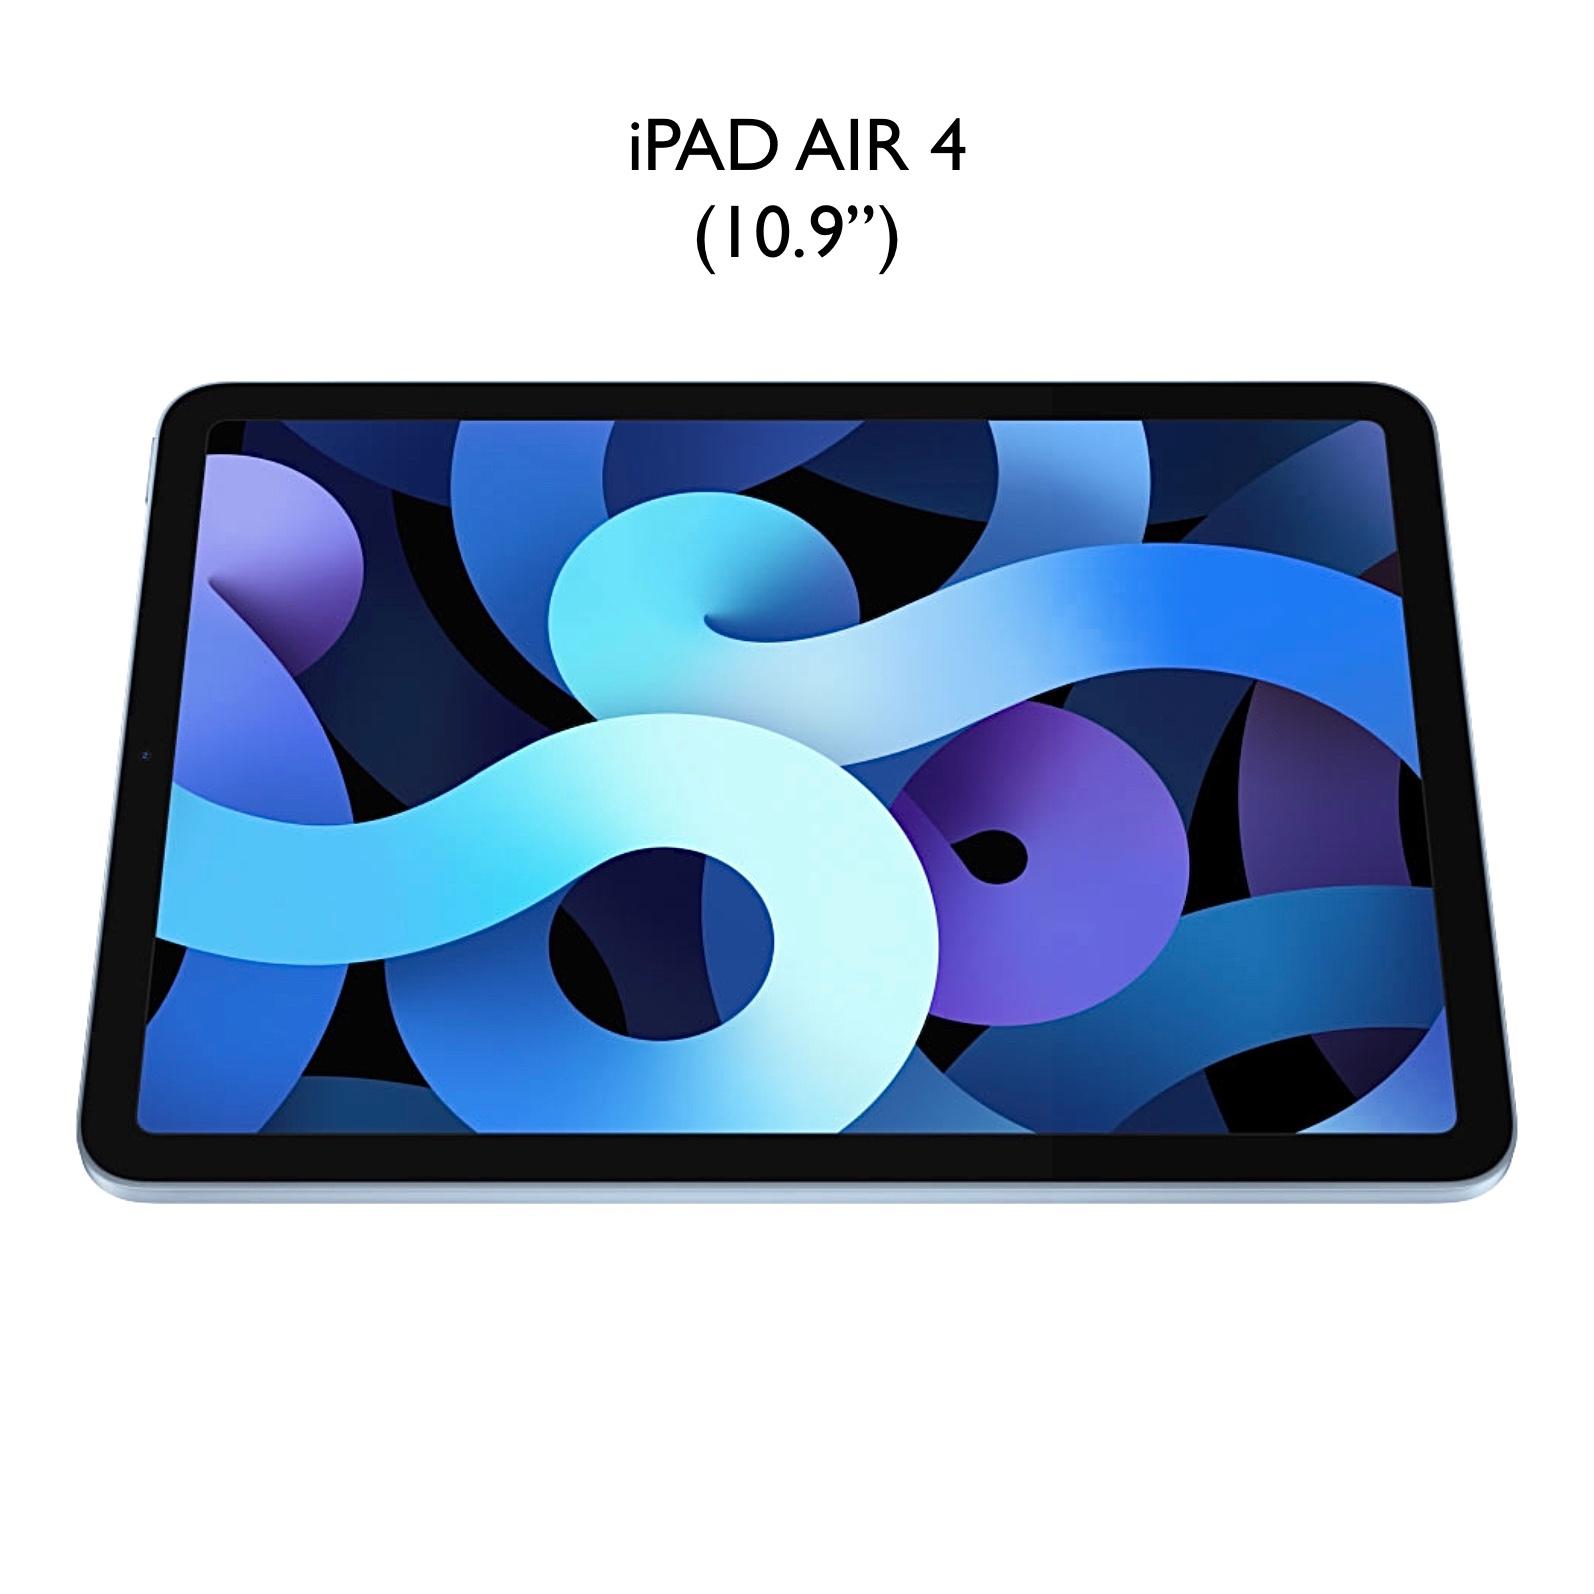 Ref 2463 Pack 2 x Verres Protection ecran iPAD AIR 4 10.9 pouces Premium 9H